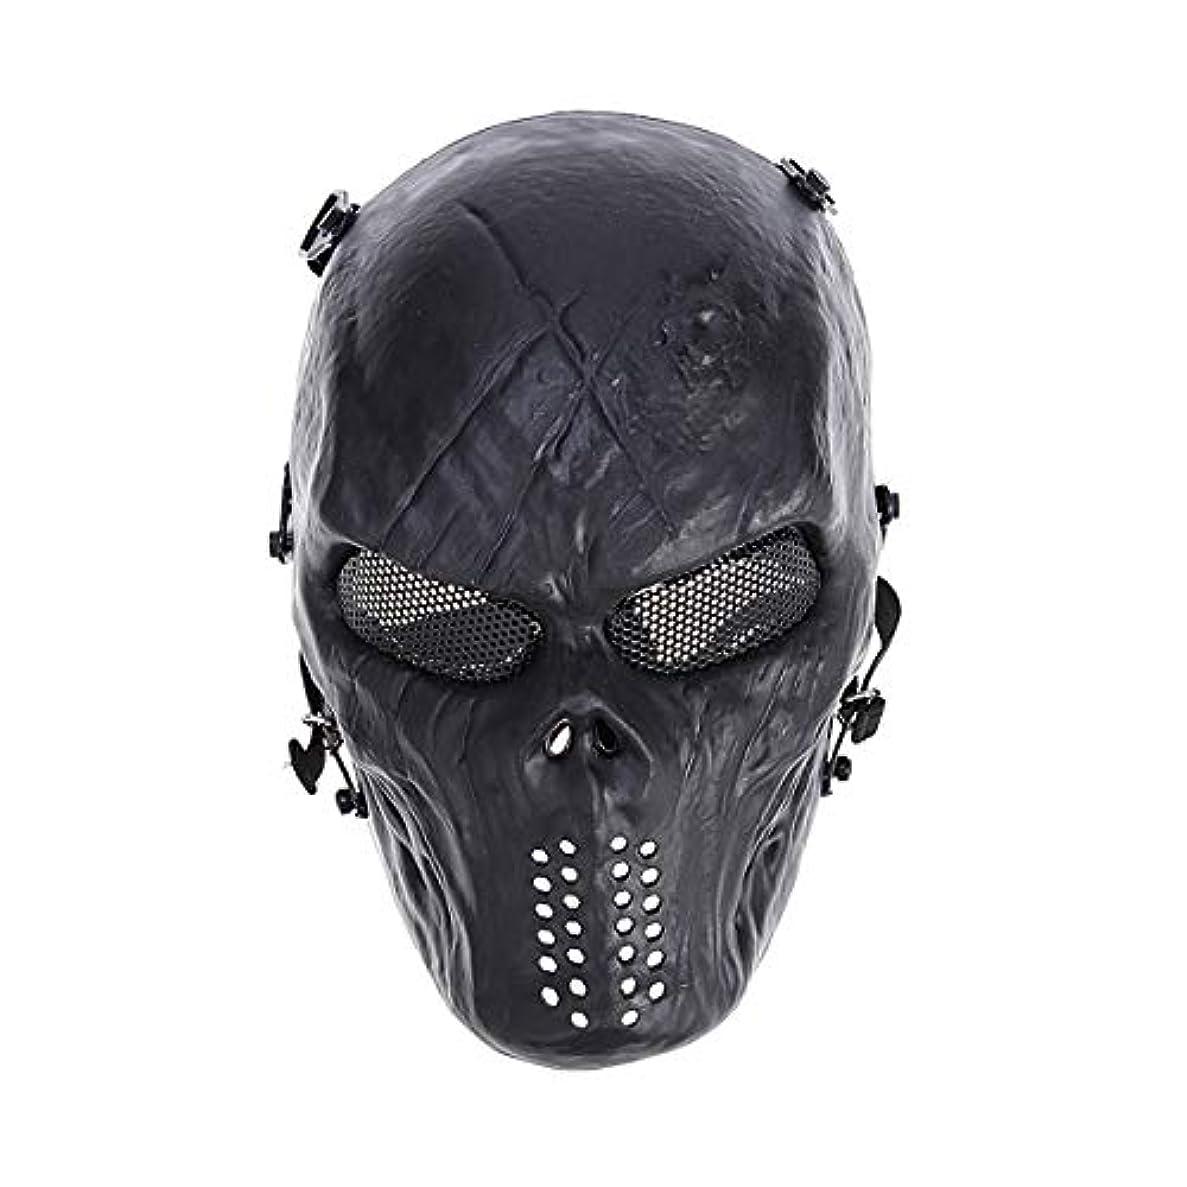 突破口ラダスポーツをするVORCOOL CSフィールドマスクハロウィンパーティーコスチュームマスク調整可能な戦術マスク戦闘保護顔耳保護征服マスク(黒)